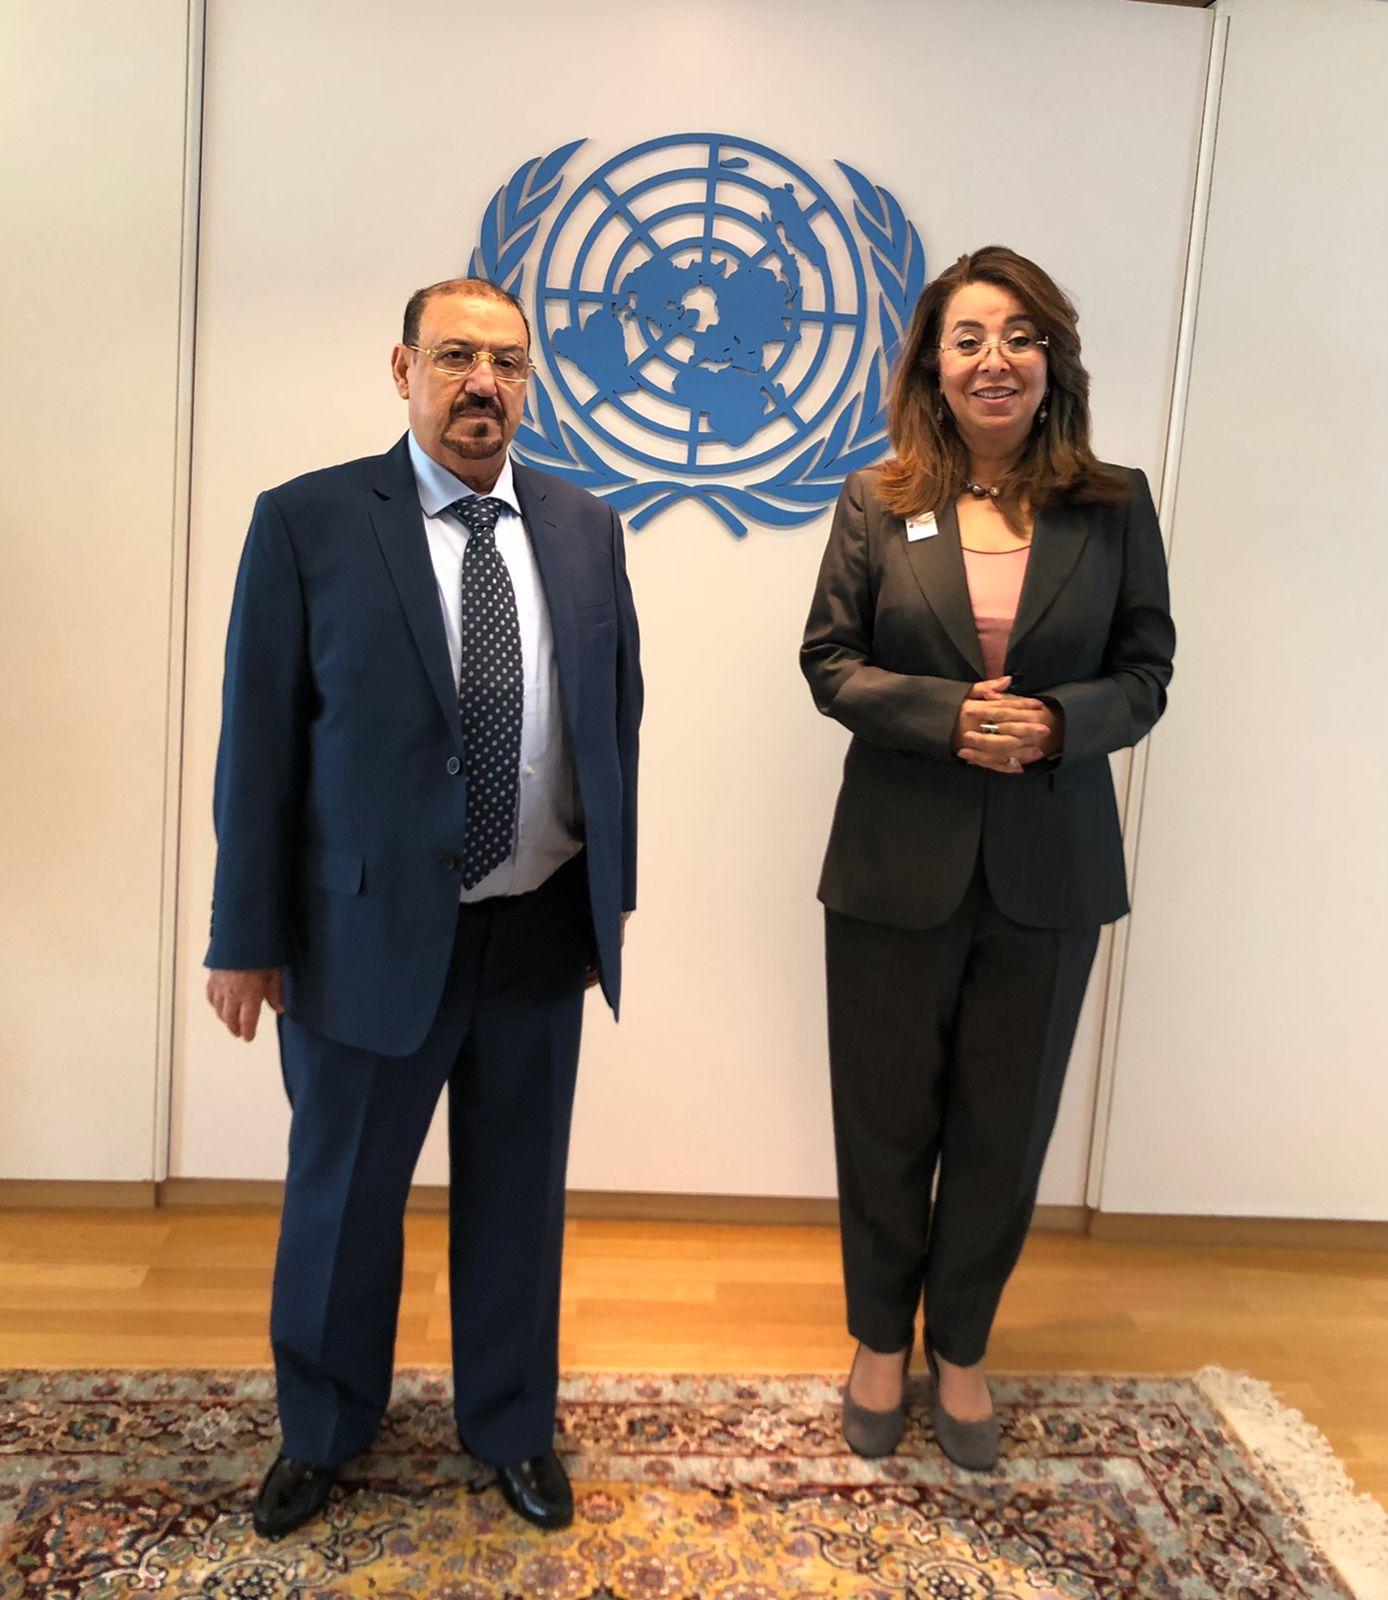 البركاني يبحث مع وكيل الأمين العام للأمم المتحدة دعم اليمن في مجال محاربة تهريب المخدرات